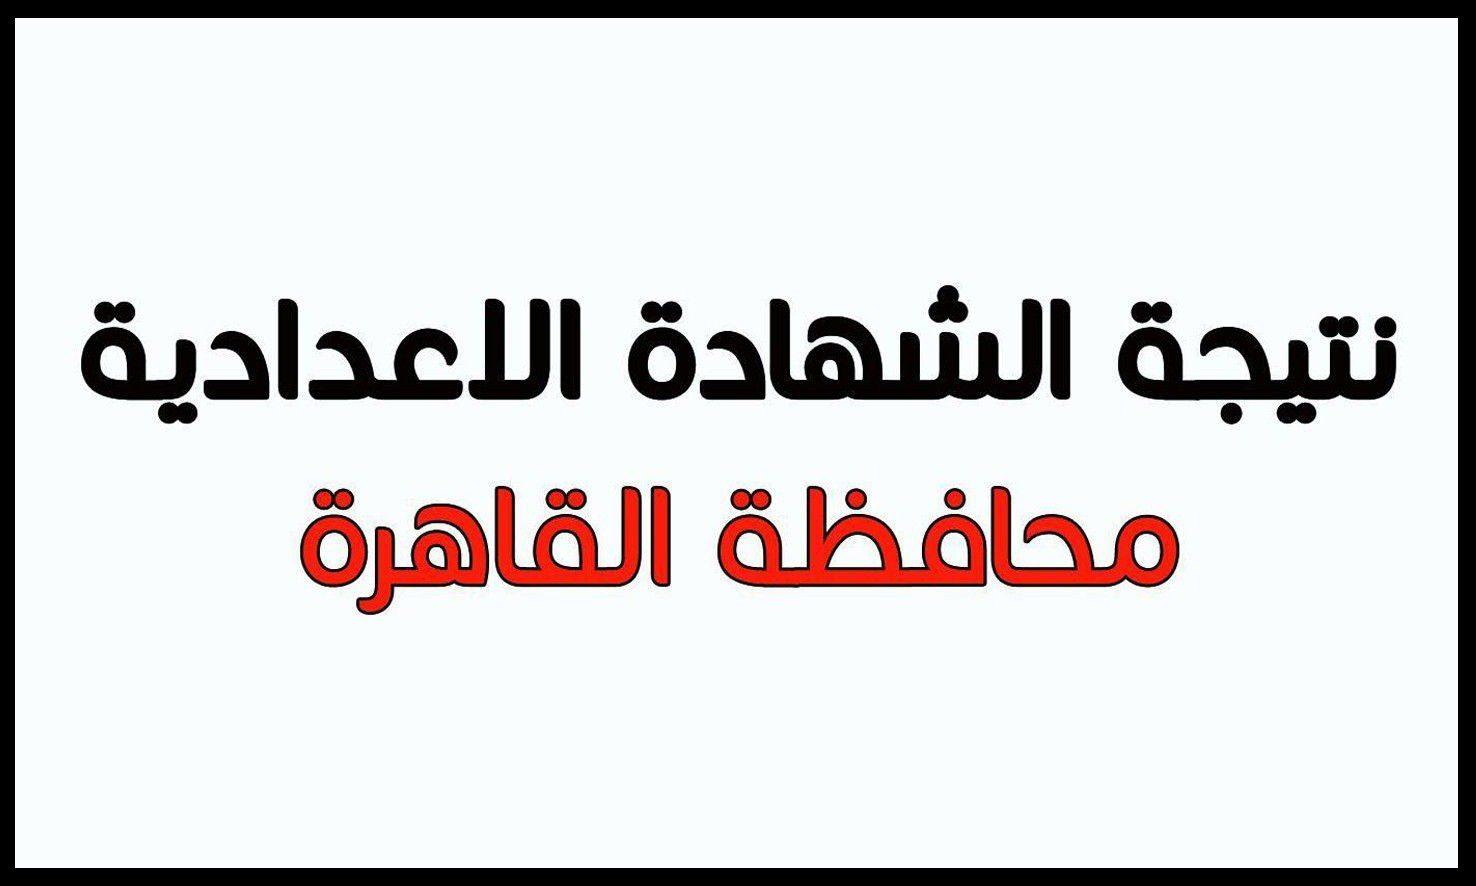 رابط نتيجة الصف الثالث الاعدادي محافظة القاهرة الترم الأول 2020